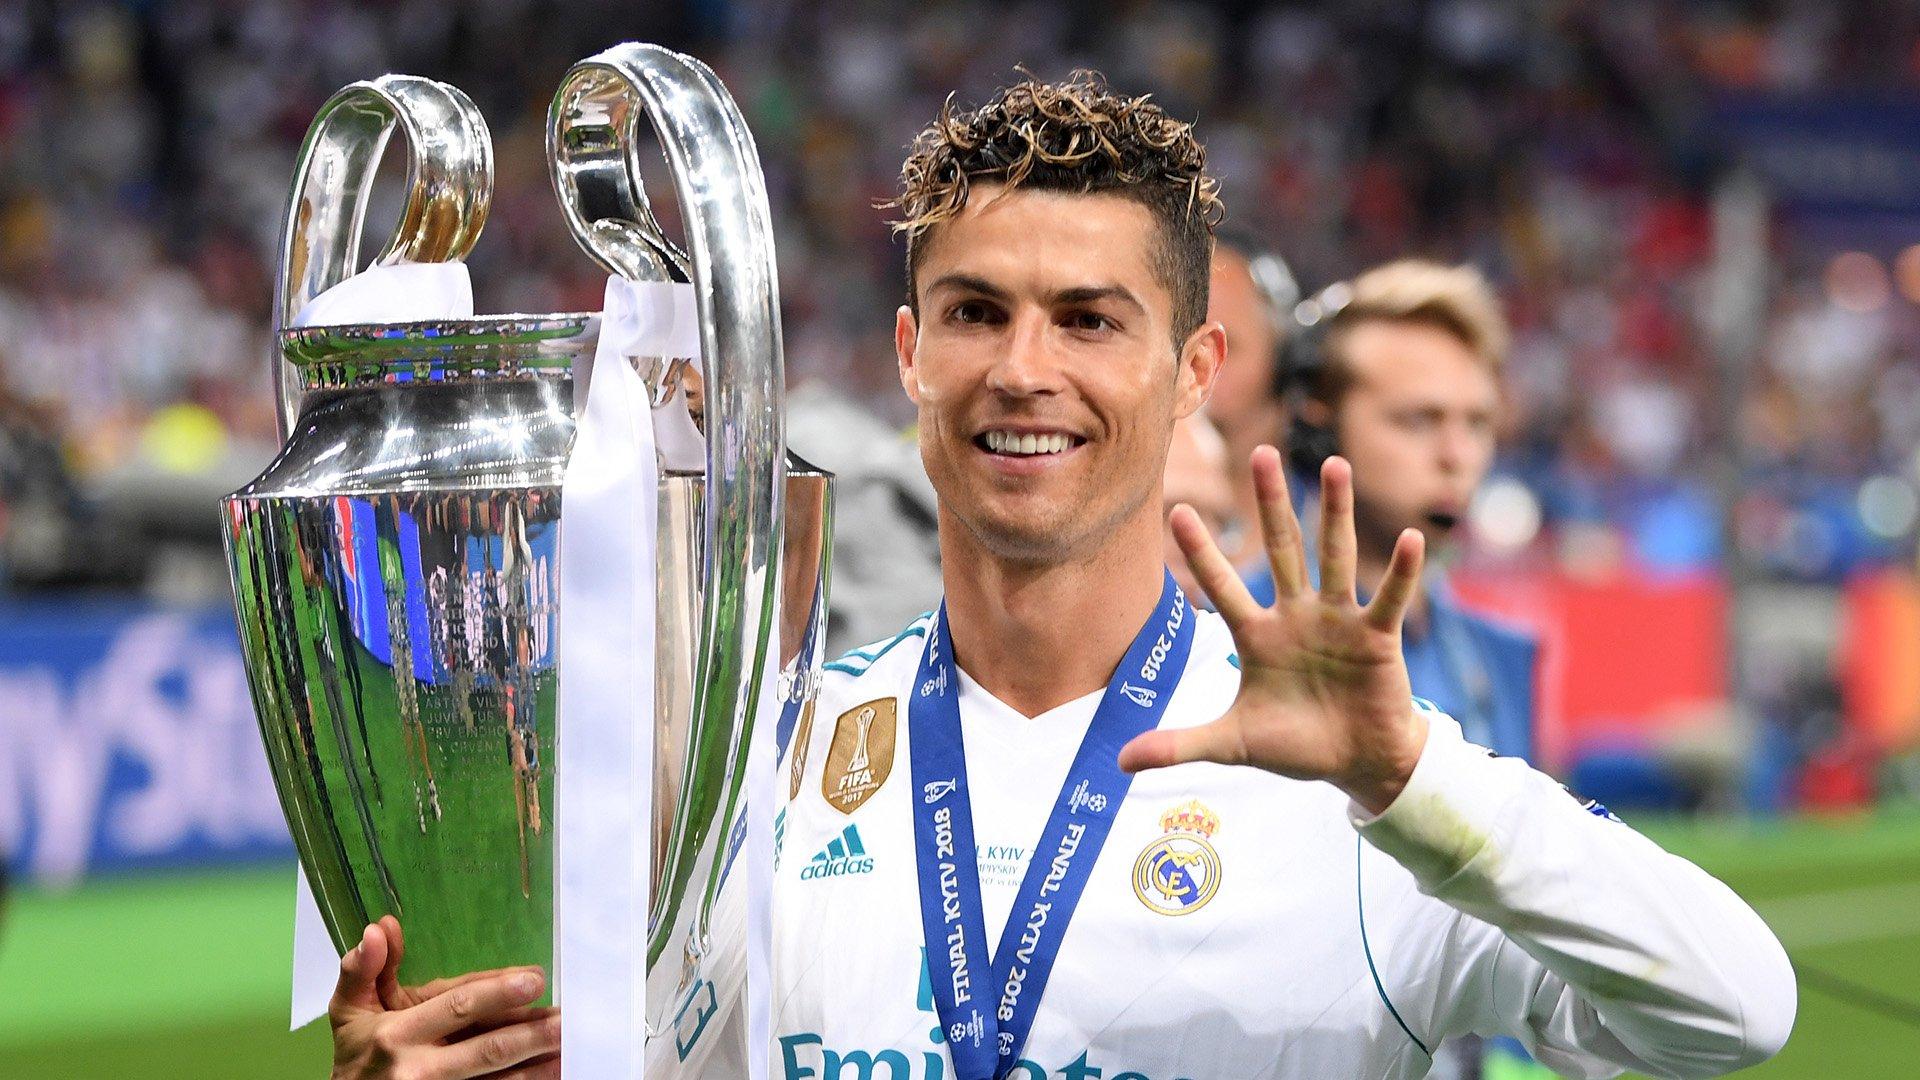 بالفيديو .. رونالدو : أريد الاعتزال في ريال مدريد وهذا أفضل نادي لعبت له